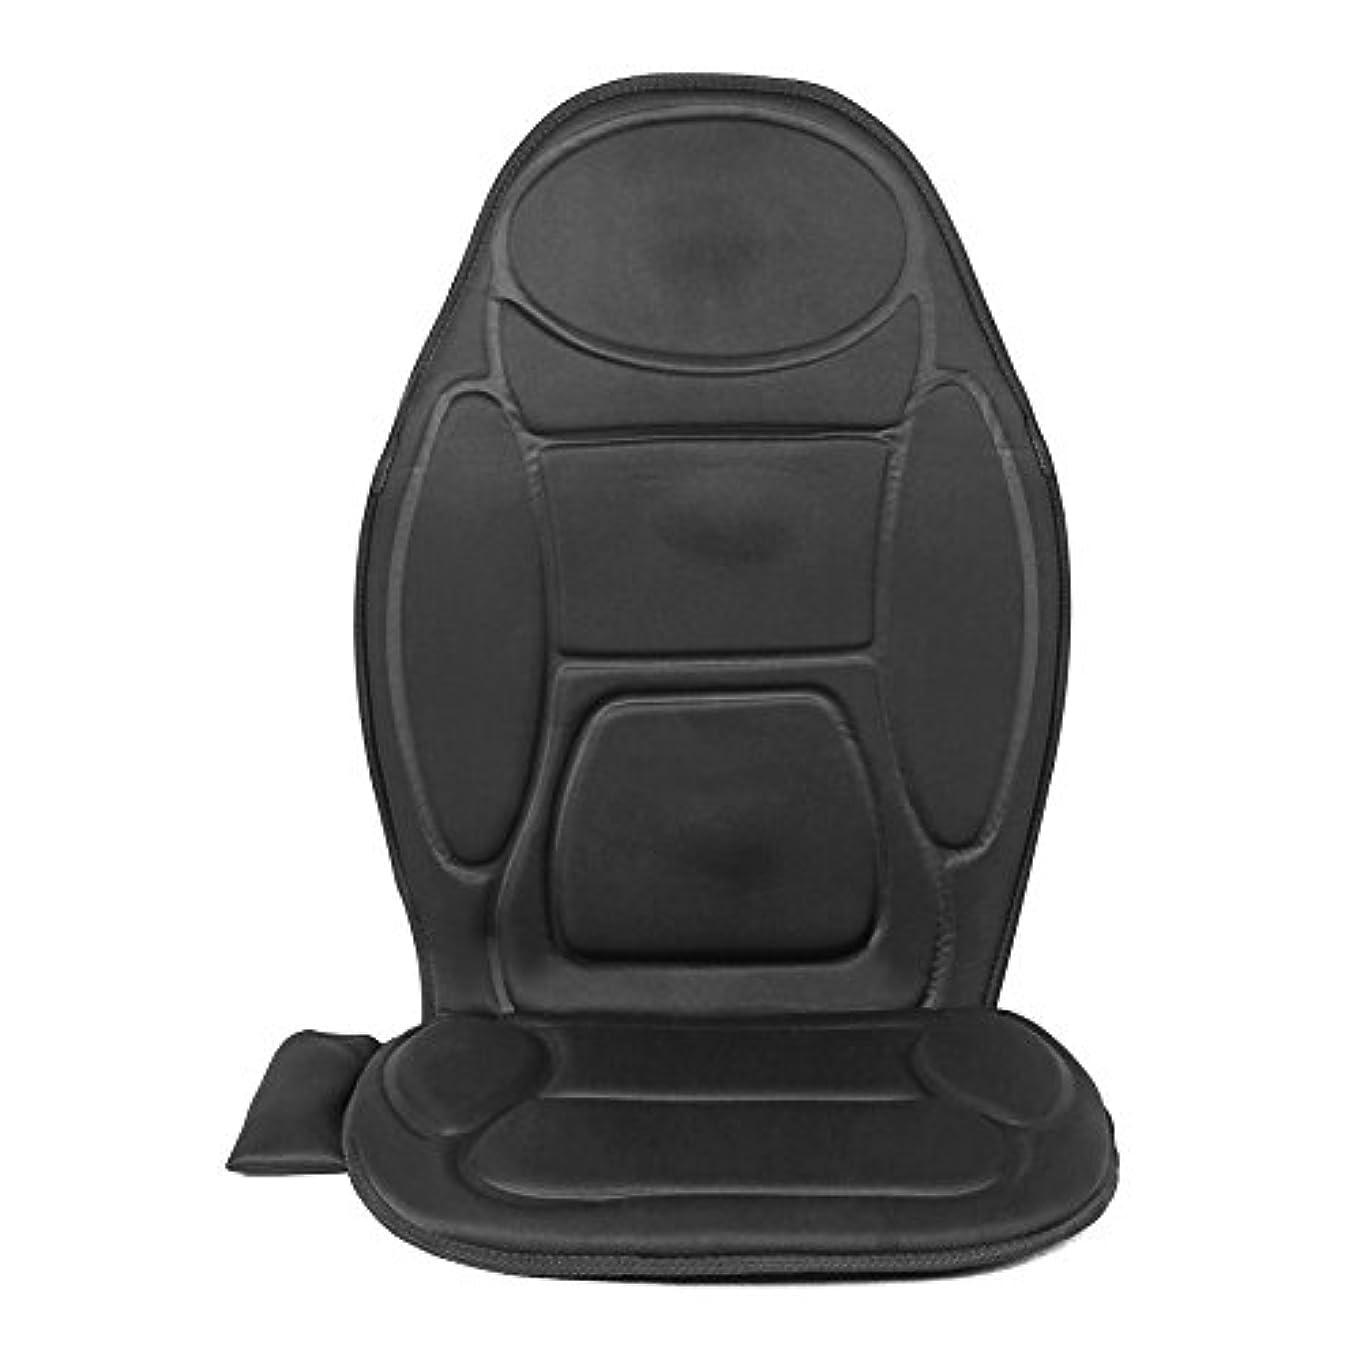 インキュバス予測する連続したVanvene シートクッション  マッサージ シート マッサージ器 マッサージ マッサージャー 座椅子 マッサージチェア クッション